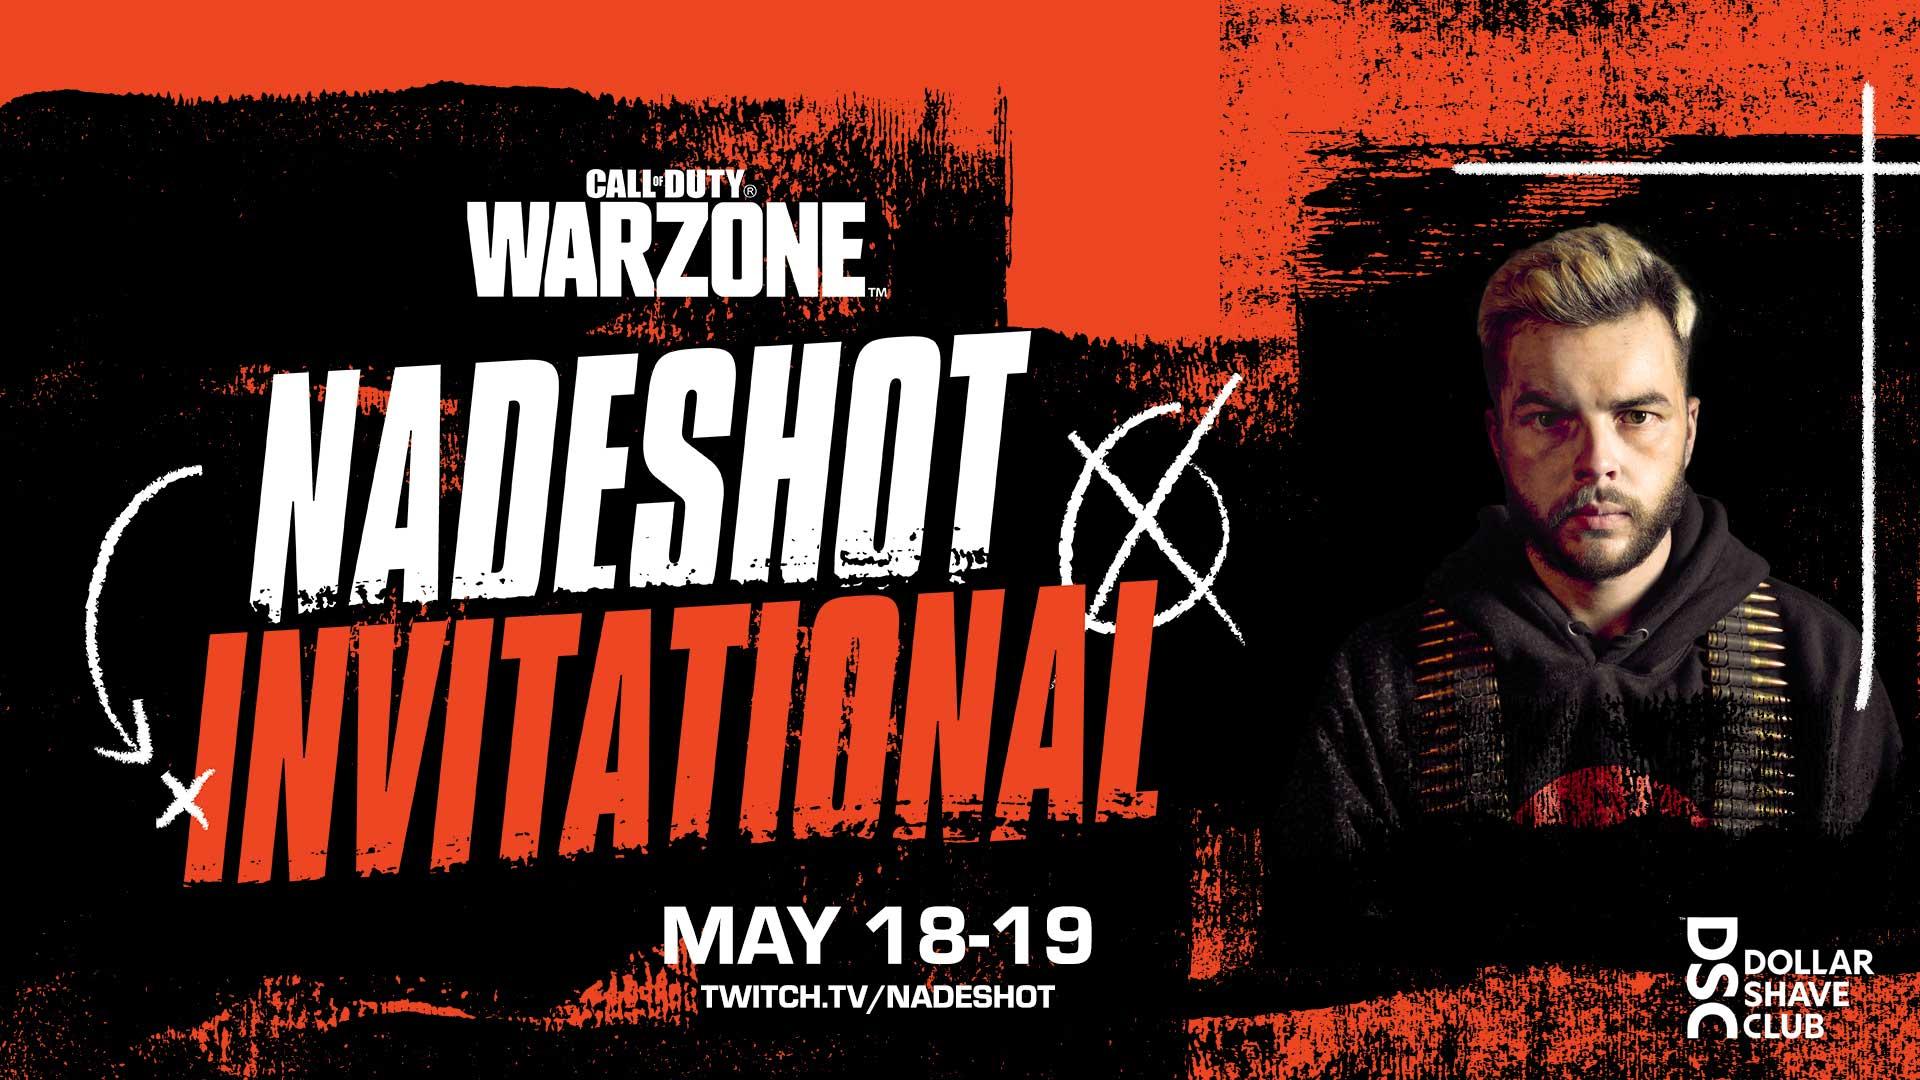 Warzone: Nadeshot Invitational Kicks off Today, May 18